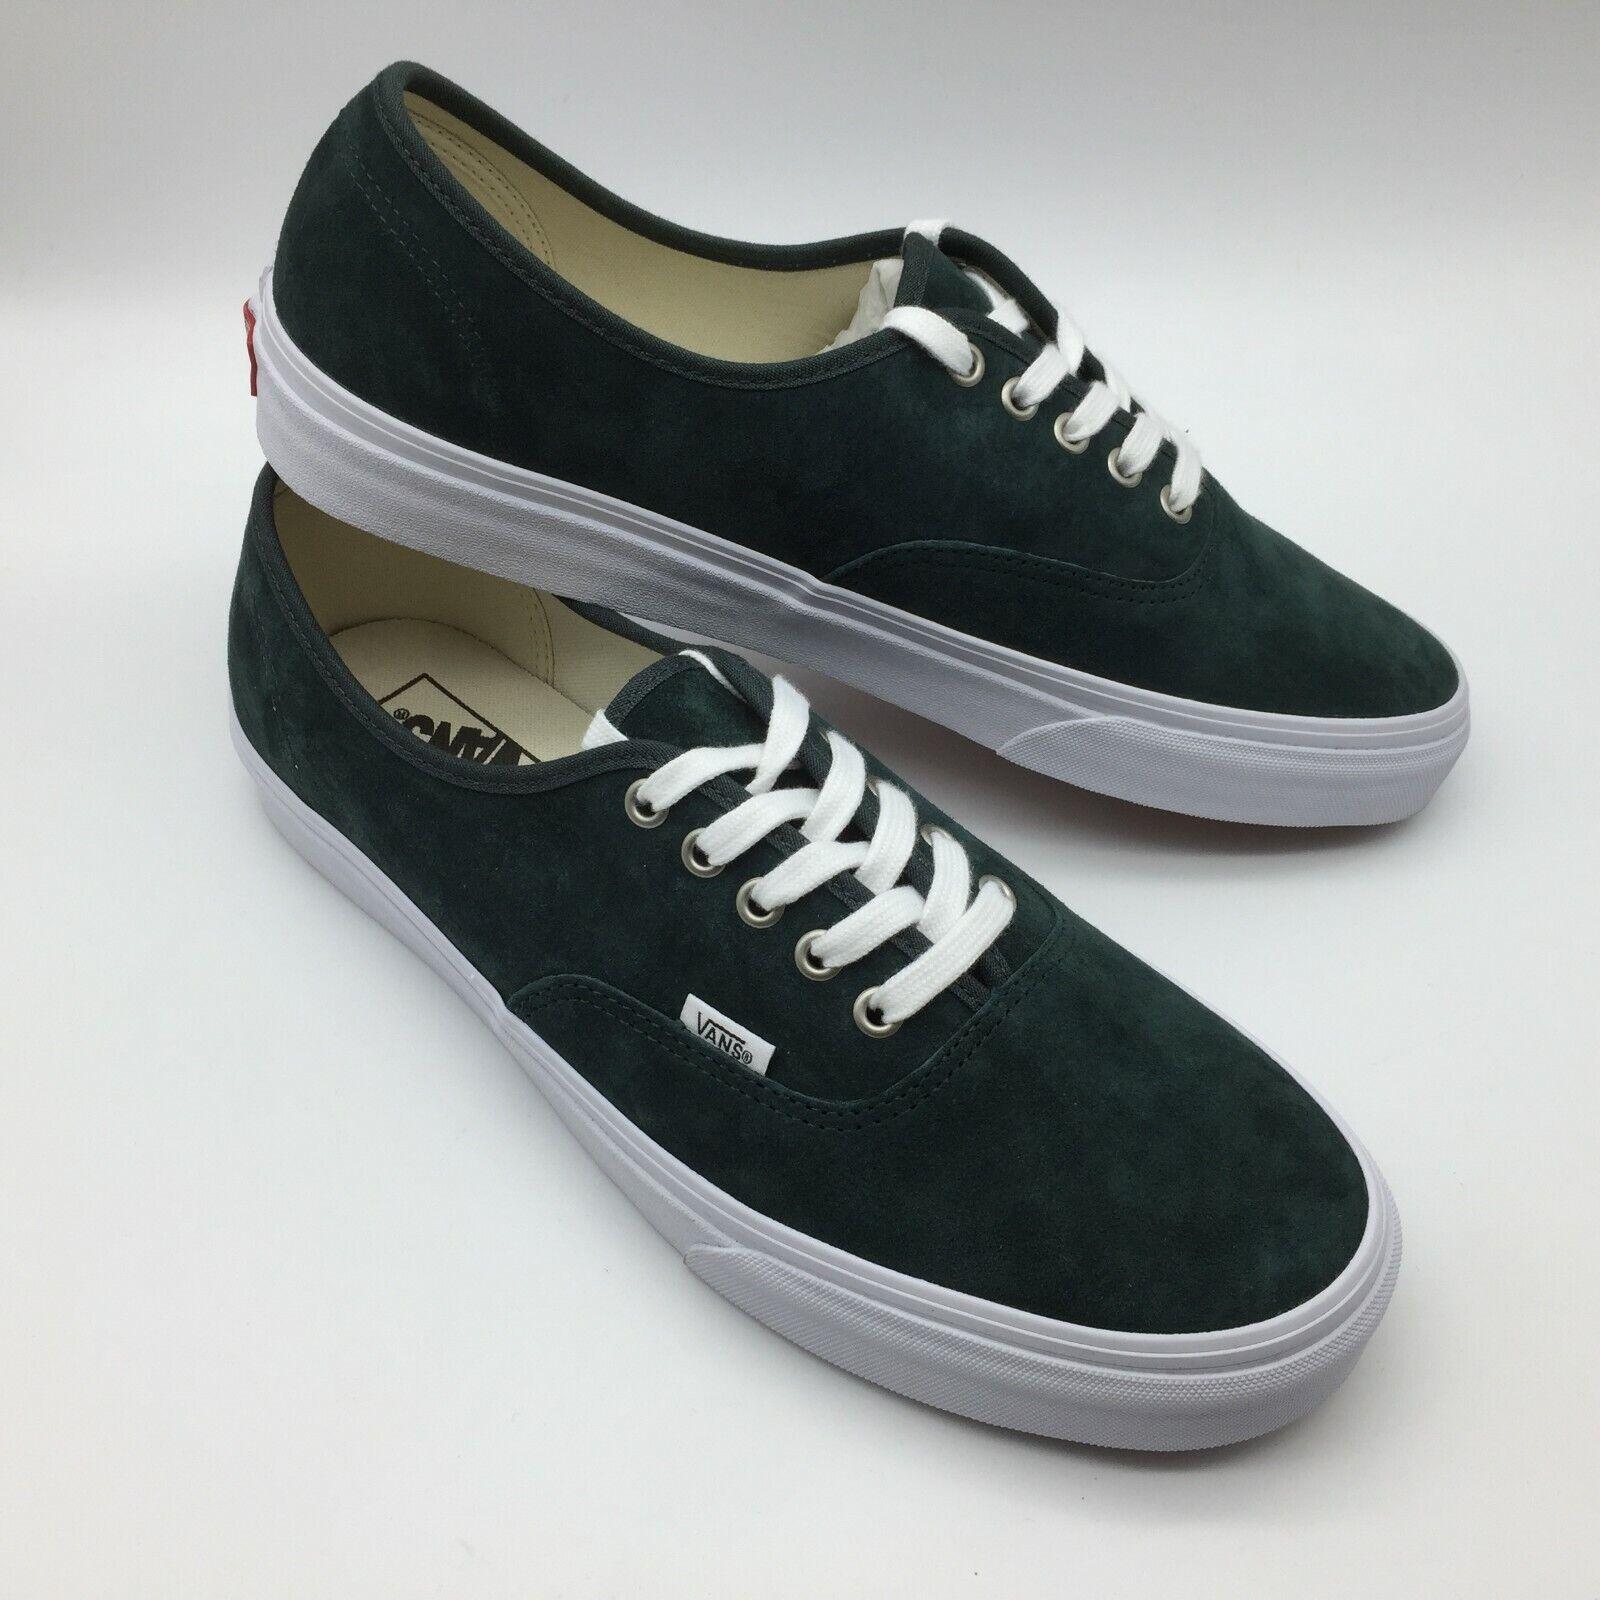 Vans Men Women's shoes  Authentic  Spruce